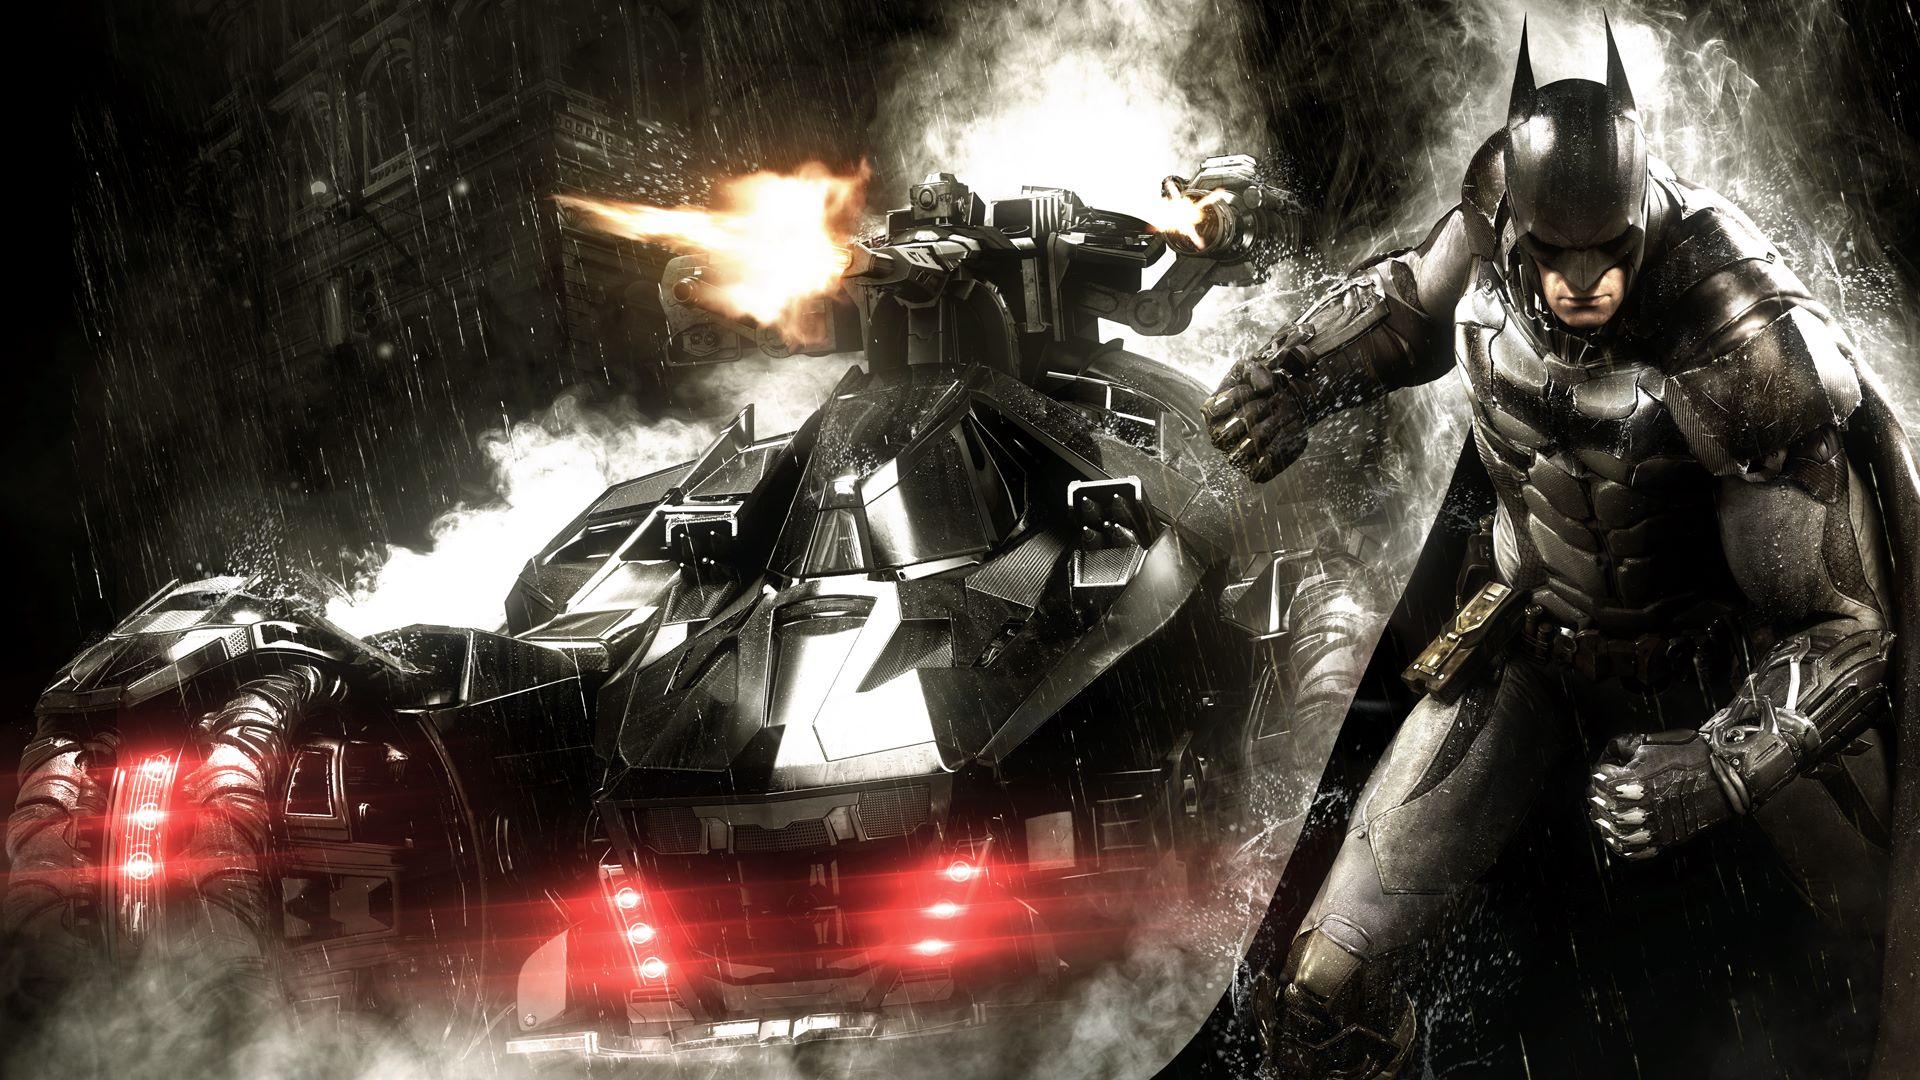 Buy BatmanTM Arkham Knight